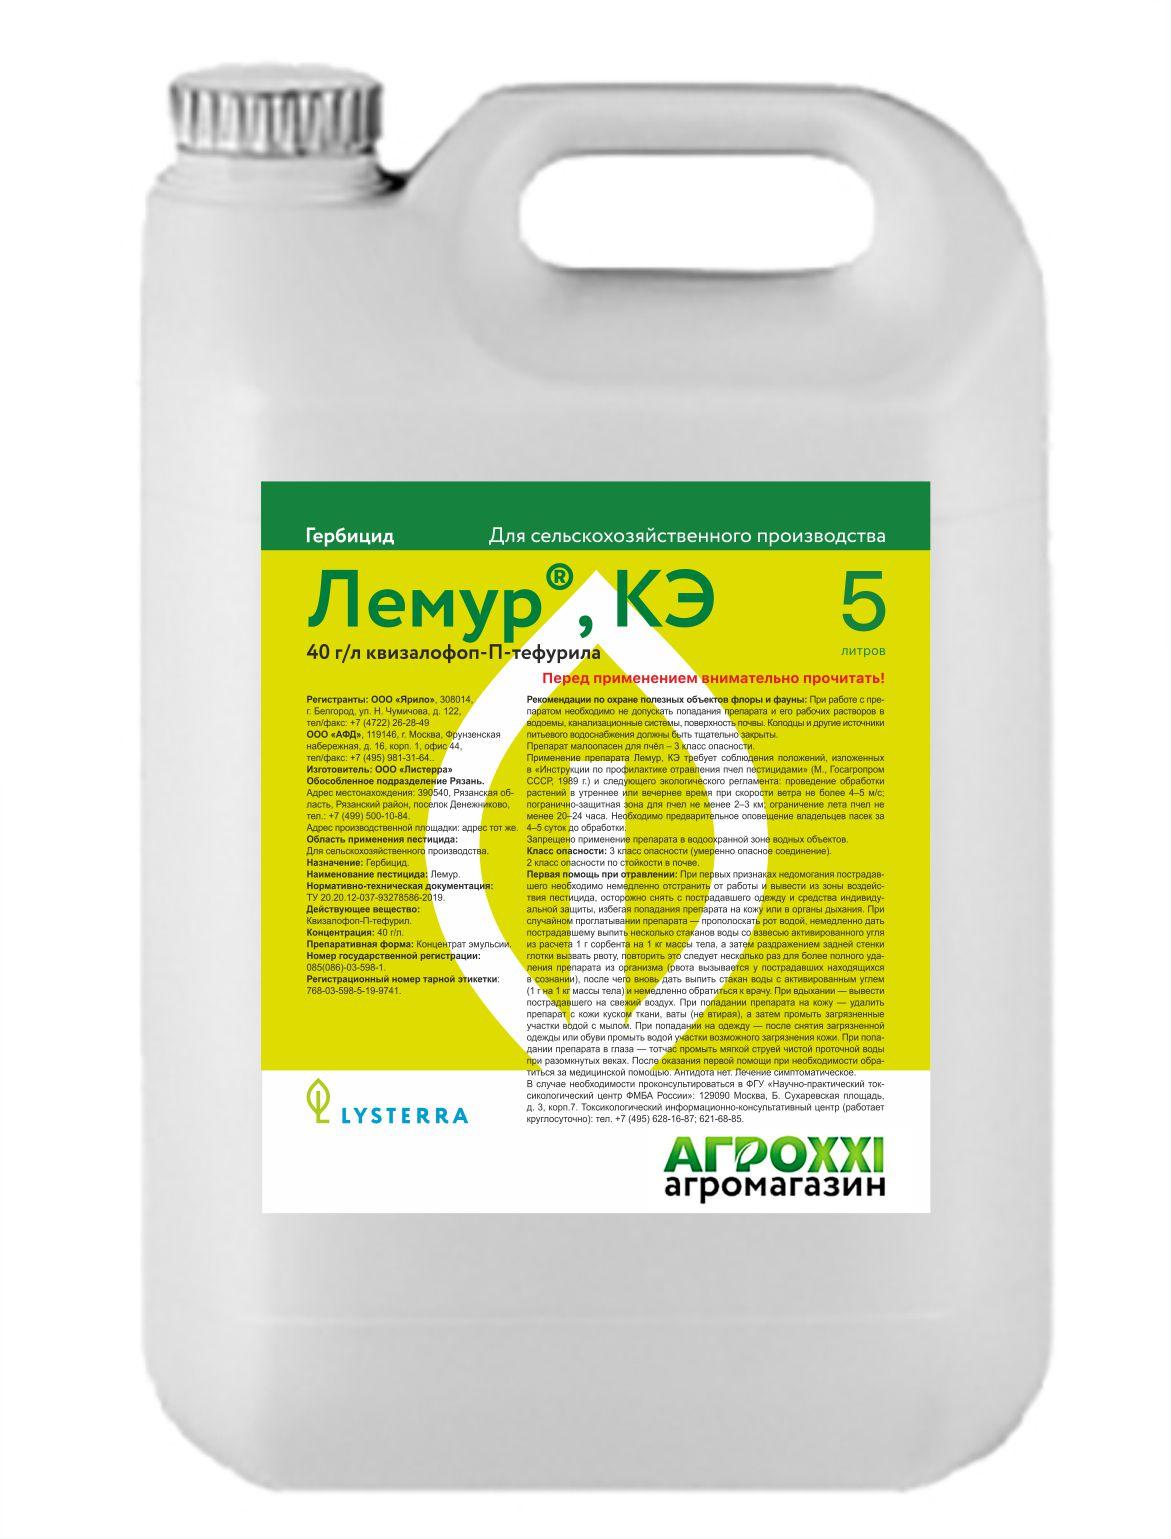 Лемур, КЭ (40 г/л квизалофоп-П-тефурила) - послевсходовый системный гербицид для борьбы со злаковыми сорняками в посевах овощных, кормовых и технических культур, 5л - фото